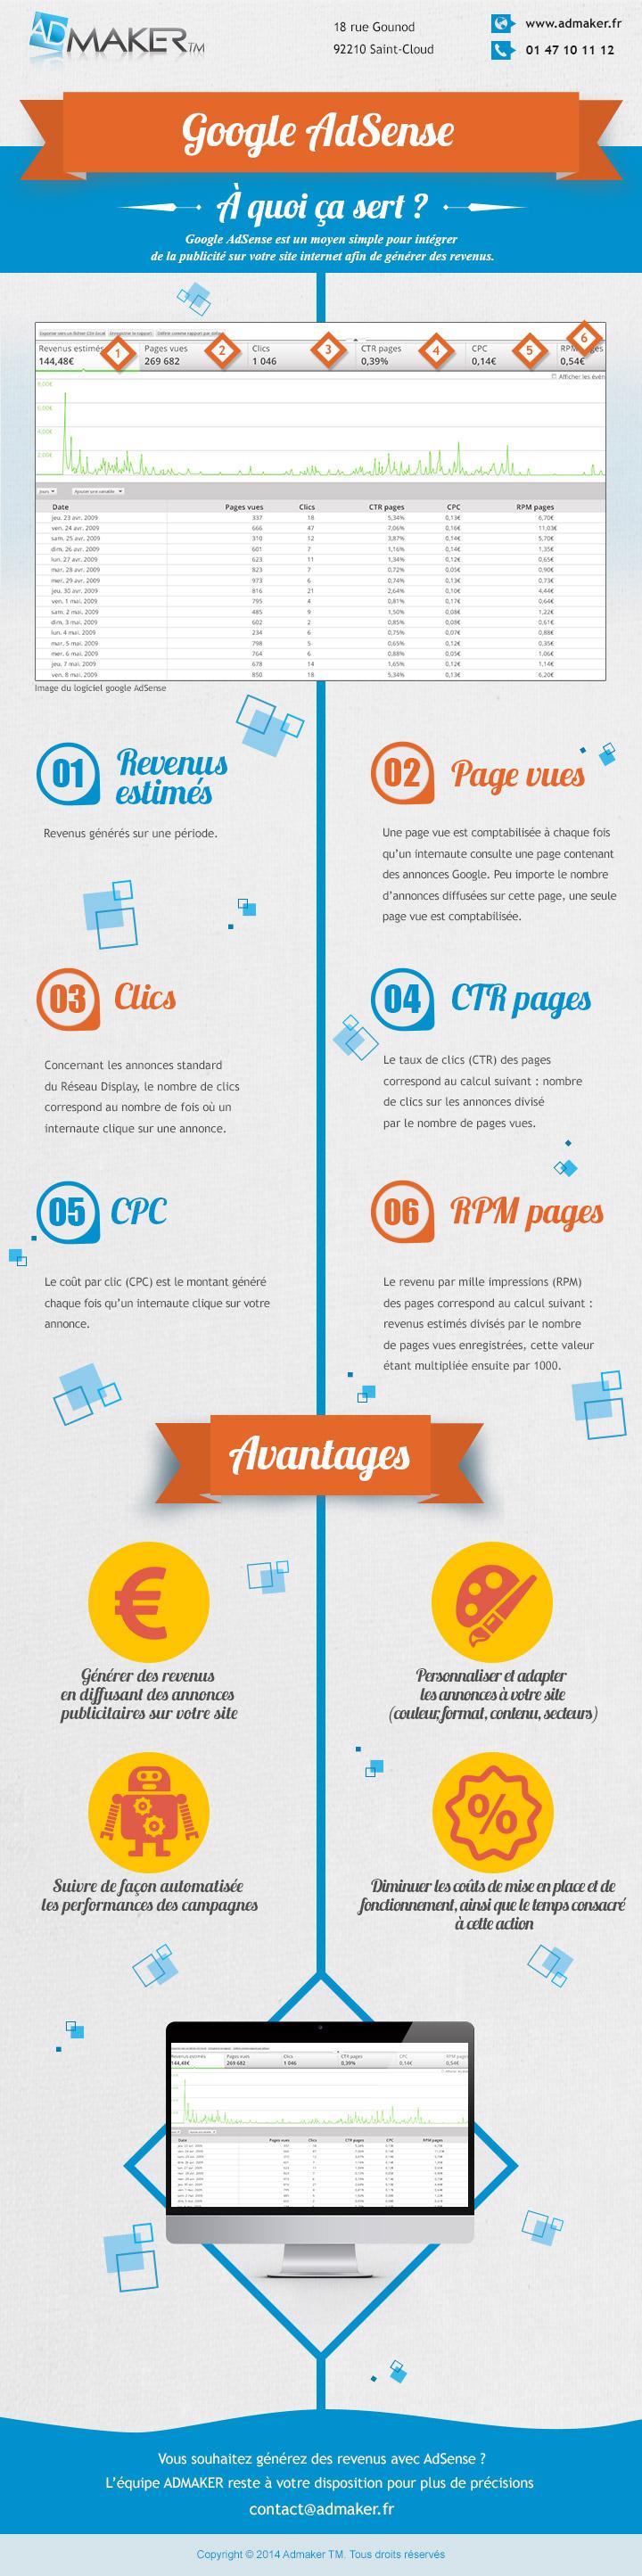 Infographie SEA : Google Adsense et la monétisation des sites web